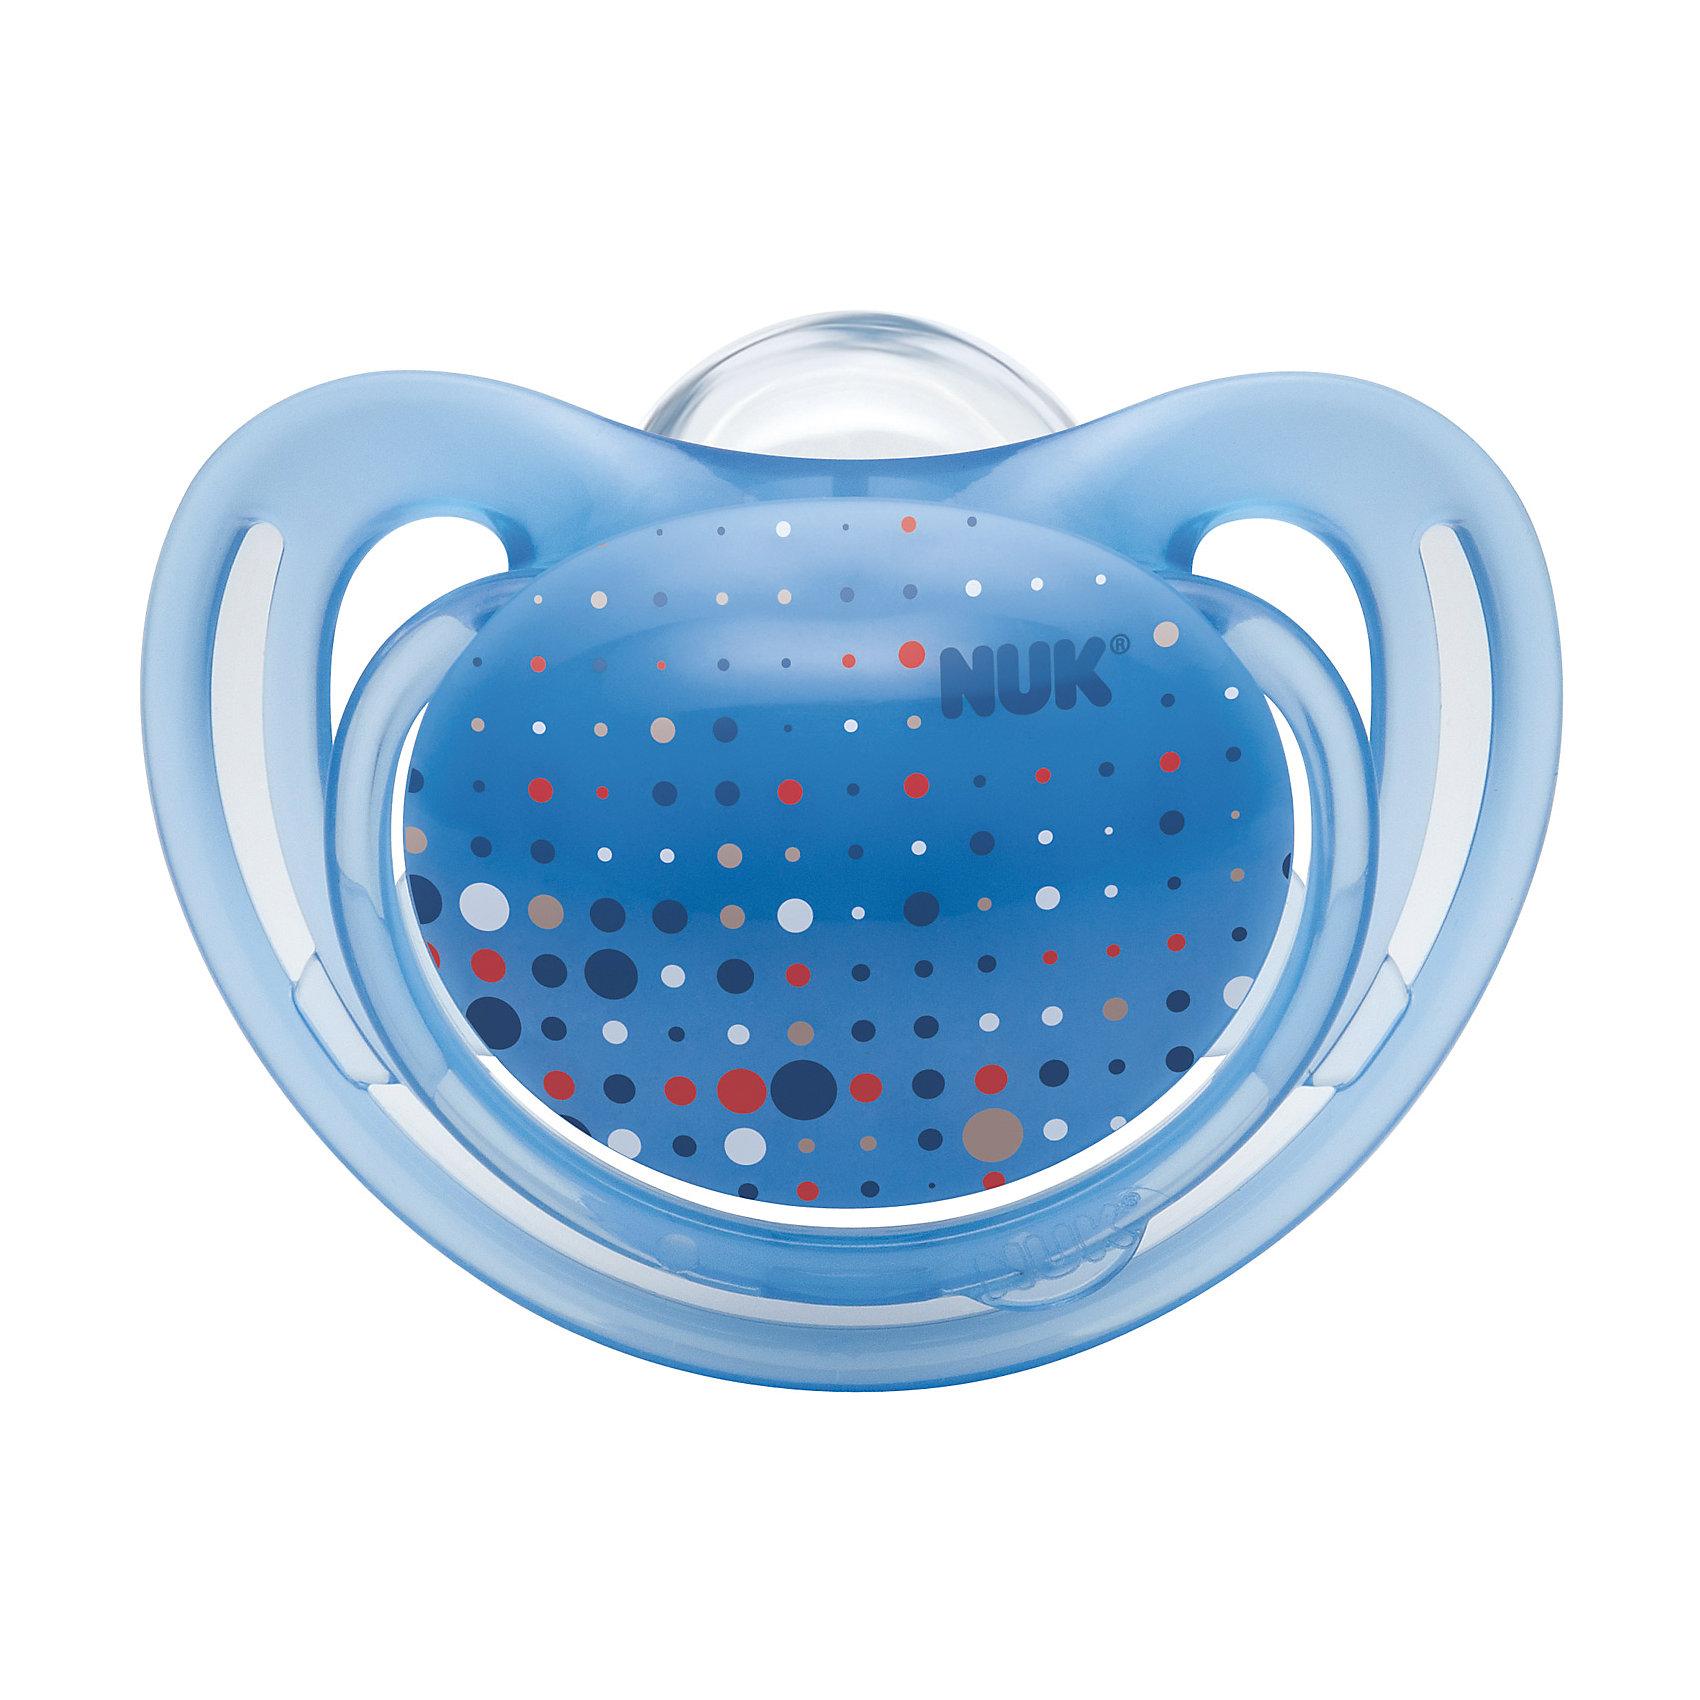 Пустышка силиконовая для сна FREESTYLE, 18-36 мес., NUK, светло-синийПустышки и аксессуары<br>Характеристики изделия:<br><br>- материал: силикон, полиэстер;<br>- ортодонтическая форма;<br>- меньшее количество точек соприкосновения с кожей;<br>- с колечком;<br>- упаковка из 100% биопластика;<br>- размер 3.<br><br>Детские товары существенно облегчают жизнь молодым мамам. Существует множество полезных в период материнства вещей. К таким относится и пустышка. <br>Данная модель разработана совместно с ортодонтами. Мягкий материал подойдет для ротовой полости ребенка. Пустышка легко очищается от любых поверхностных загрязнений. Она помогает правильно сформировать прикус и нормально развиться ротовой полости.<br><br>Пустышку силиконовую для сна FREESTYLE 1 шт. от производителя NUK можно купить в нашем магазине.<br><br>Ширина мм: 75<br>Глубина мм: 75<br>Высота мм: 105<br>Вес г: 38<br>Возраст от месяцев: 18<br>Возраст до месяцев: 36<br>Пол: Унисекс<br>Возраст: Детский<br>SKU: 5065288